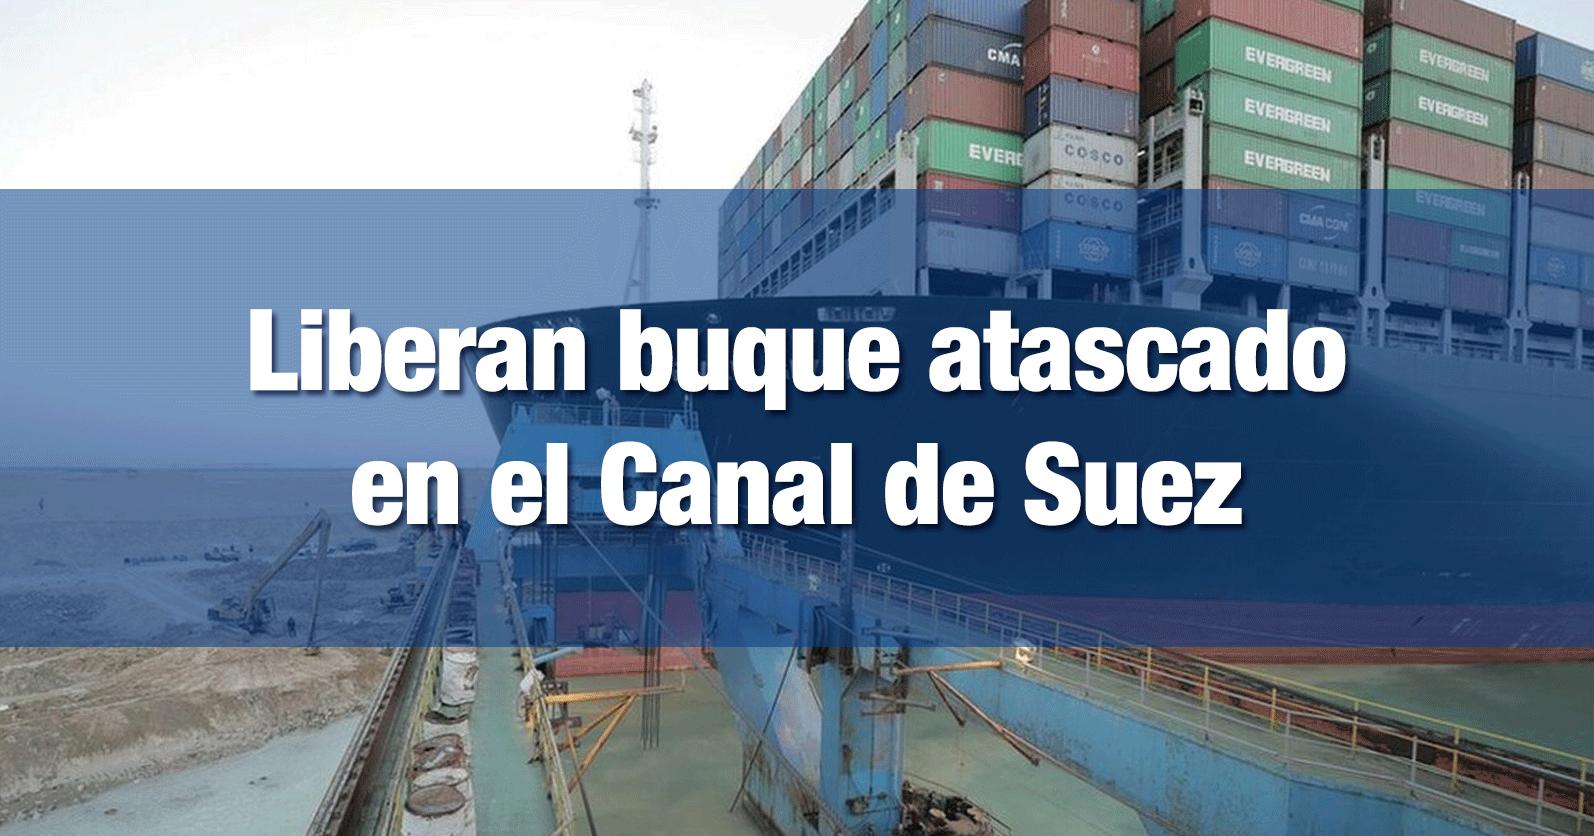 Liberan buque atascado en el Canal de Suez